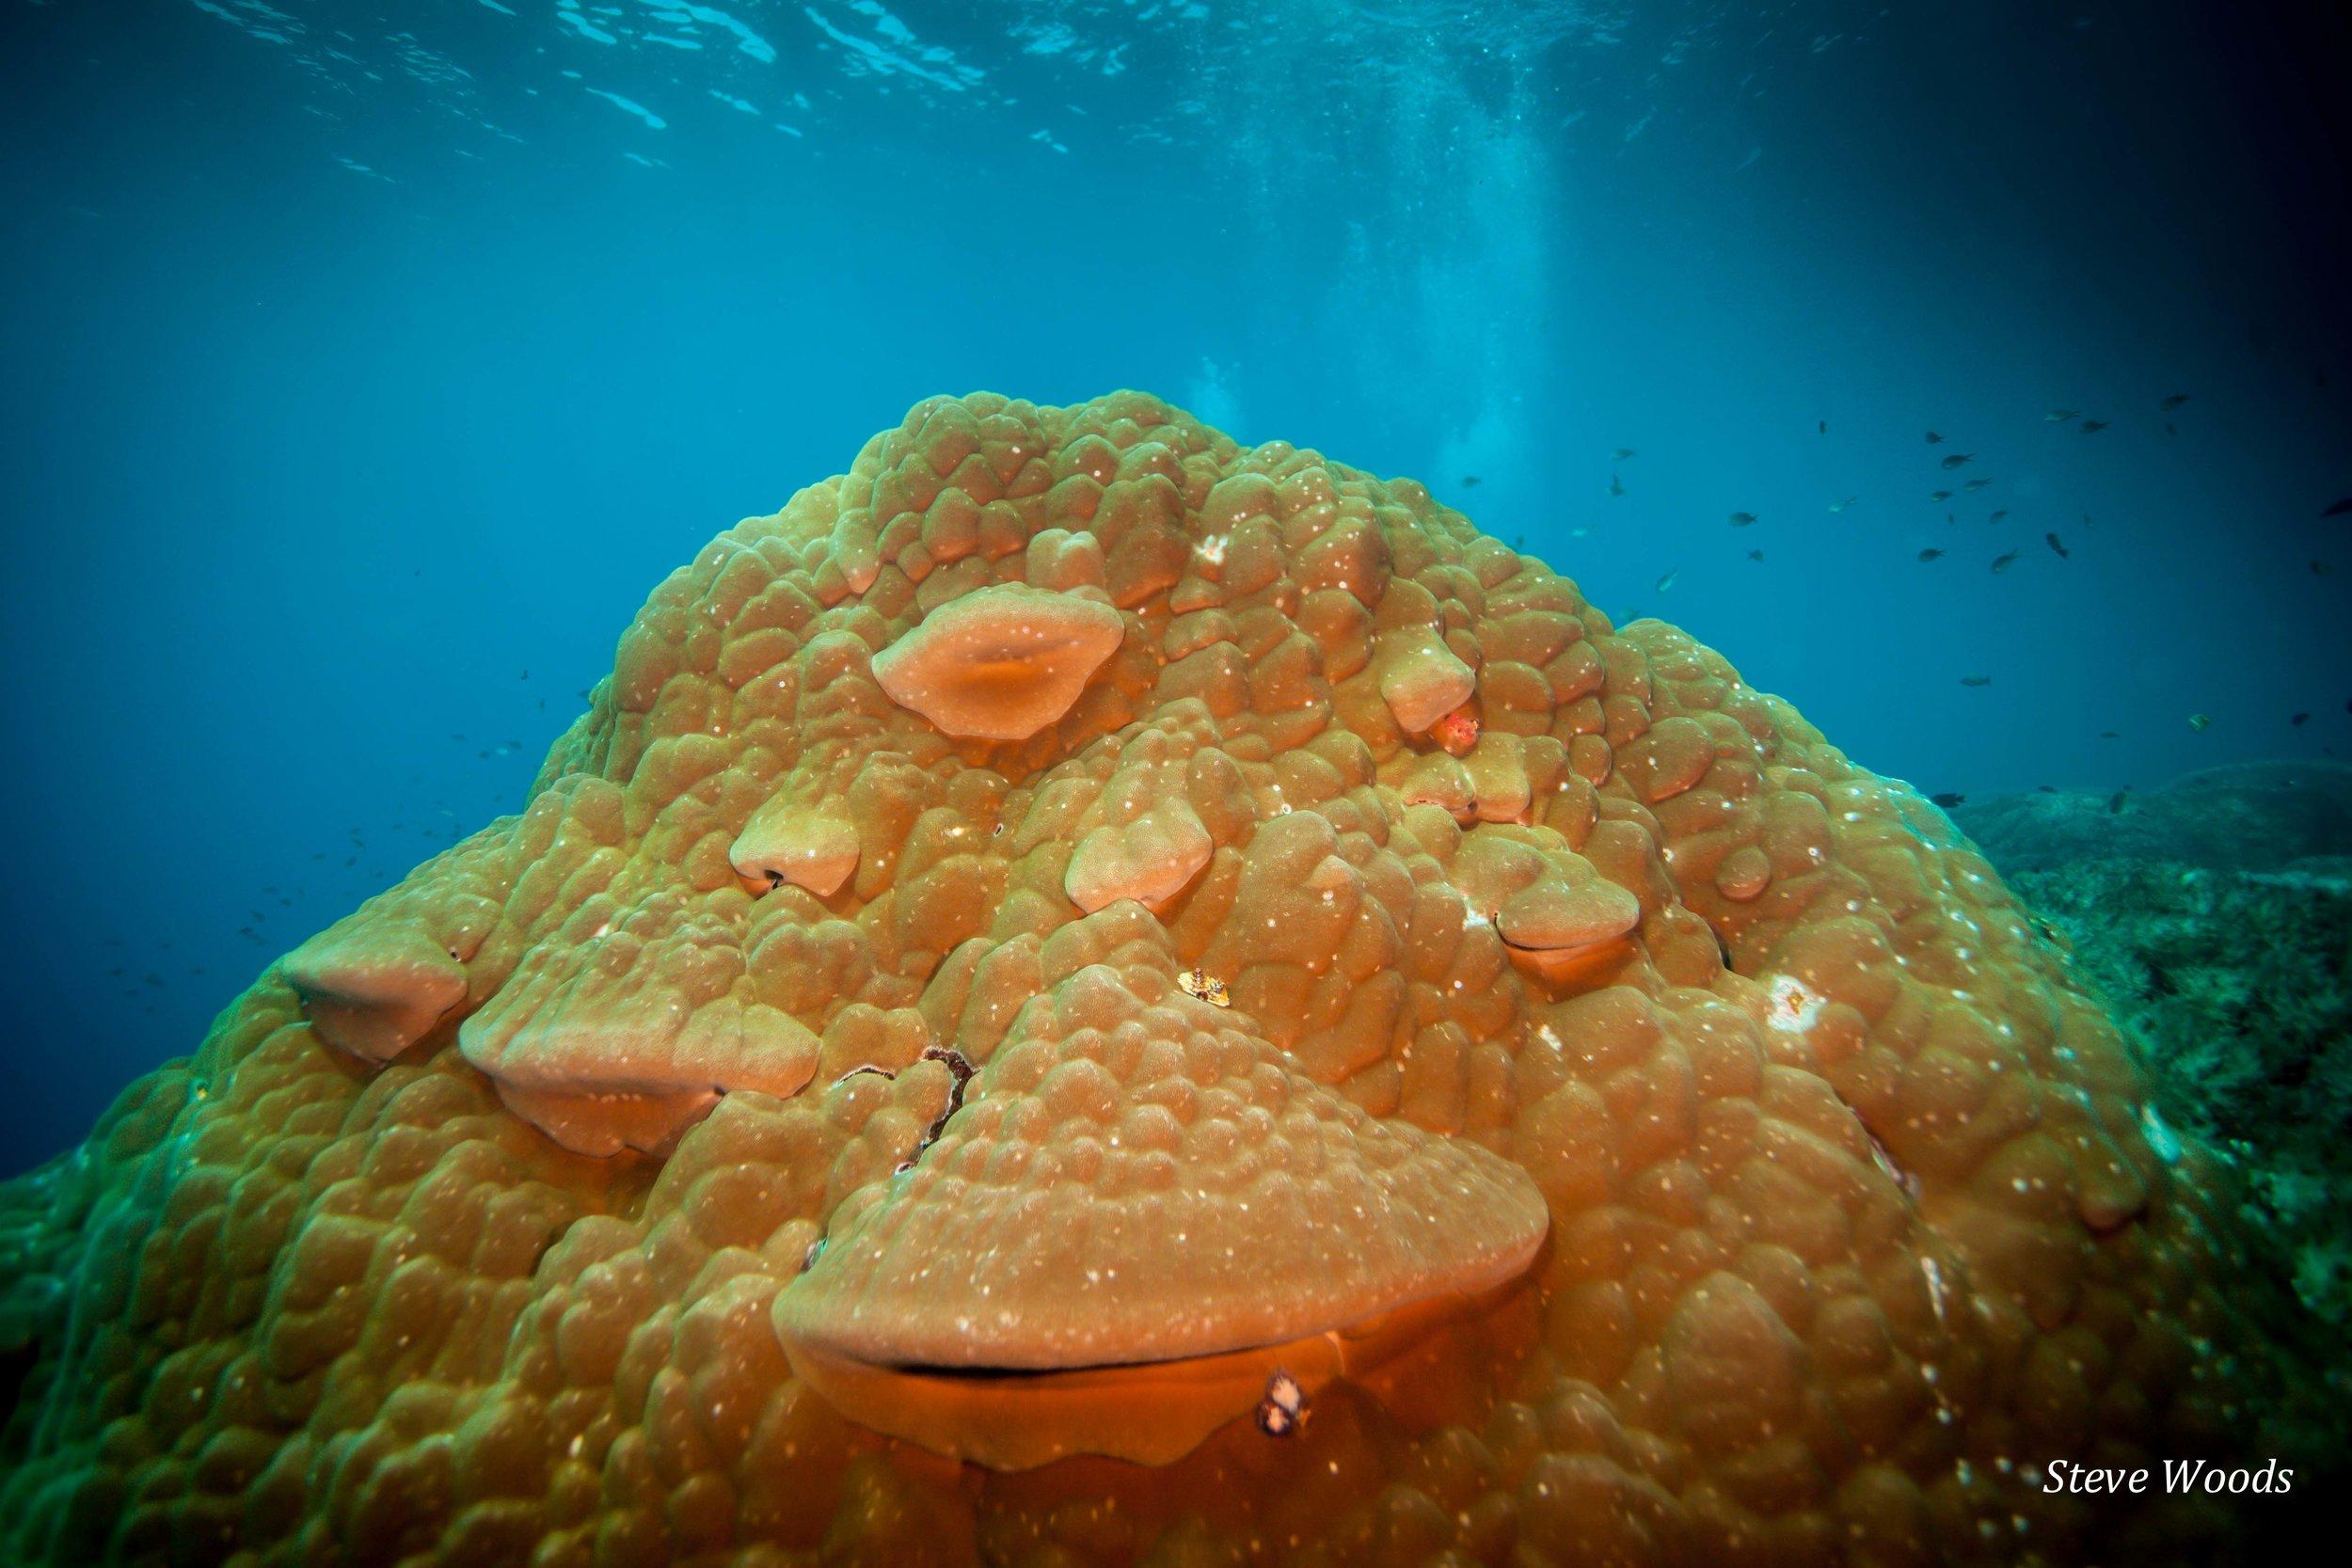 Massive Porites coral